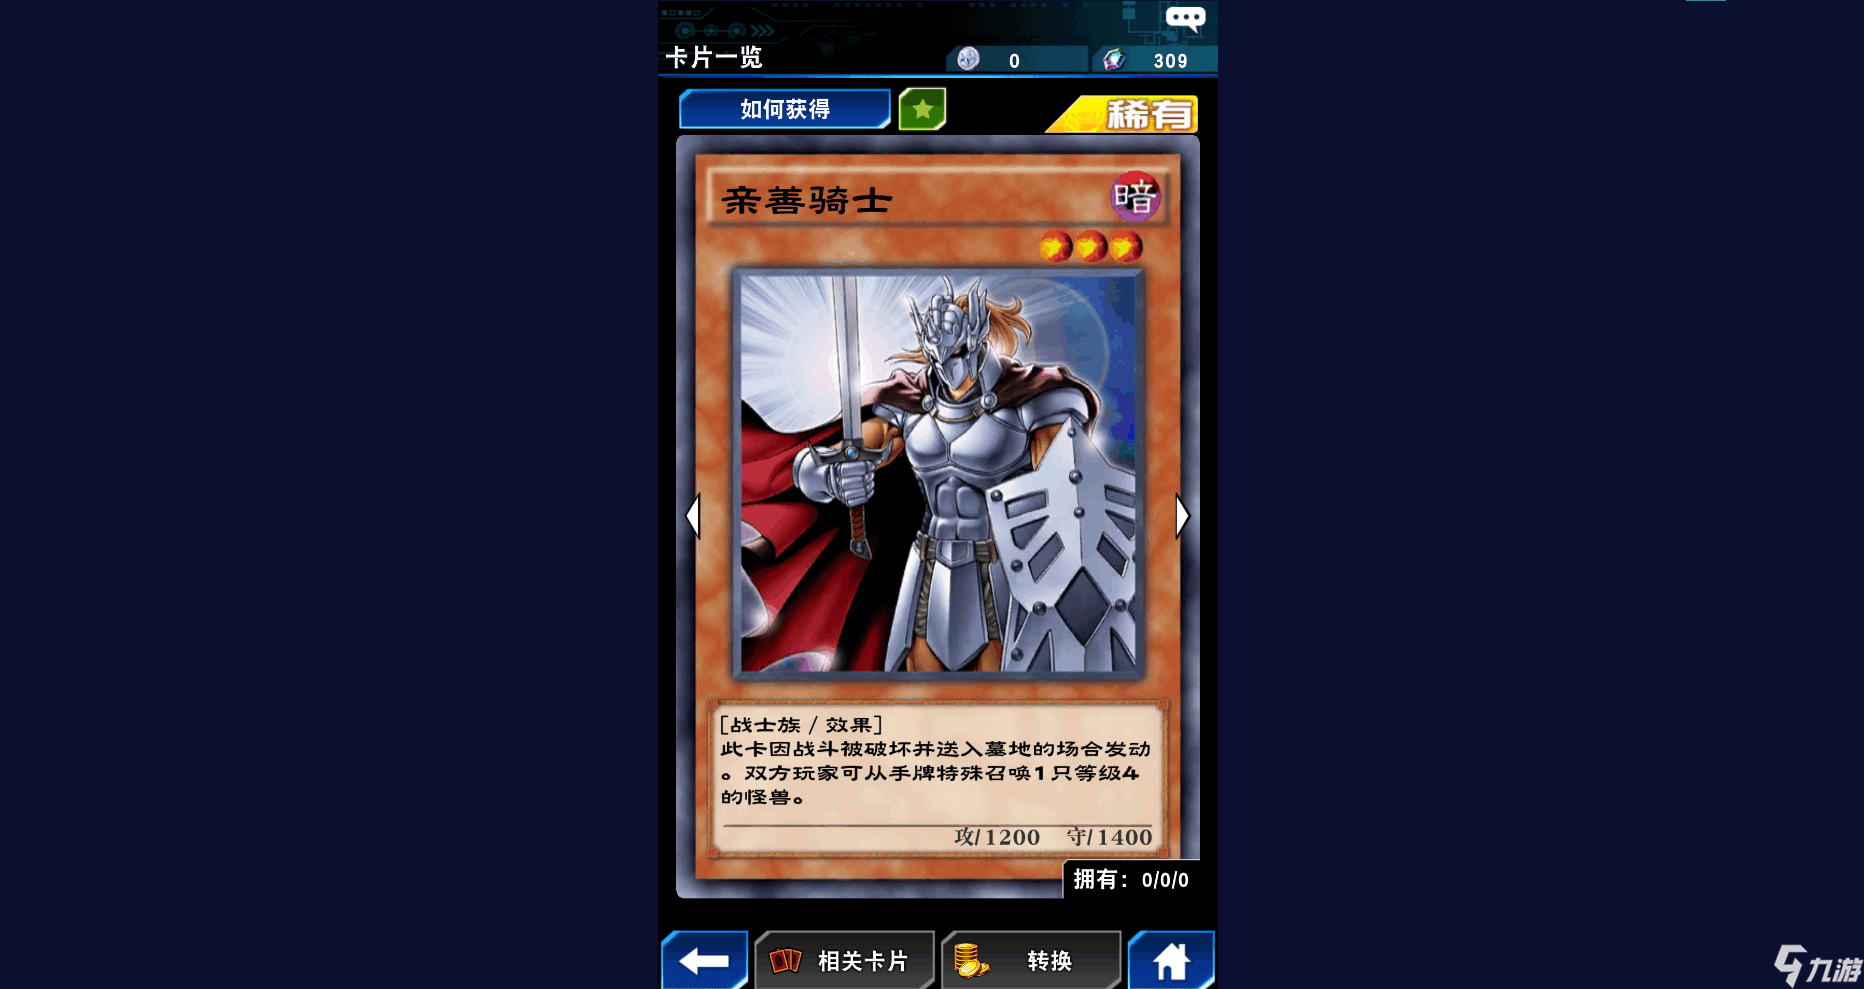 游戏王决斗链接稀有金属龙怎么召唤 稀有金属龙召唤方法